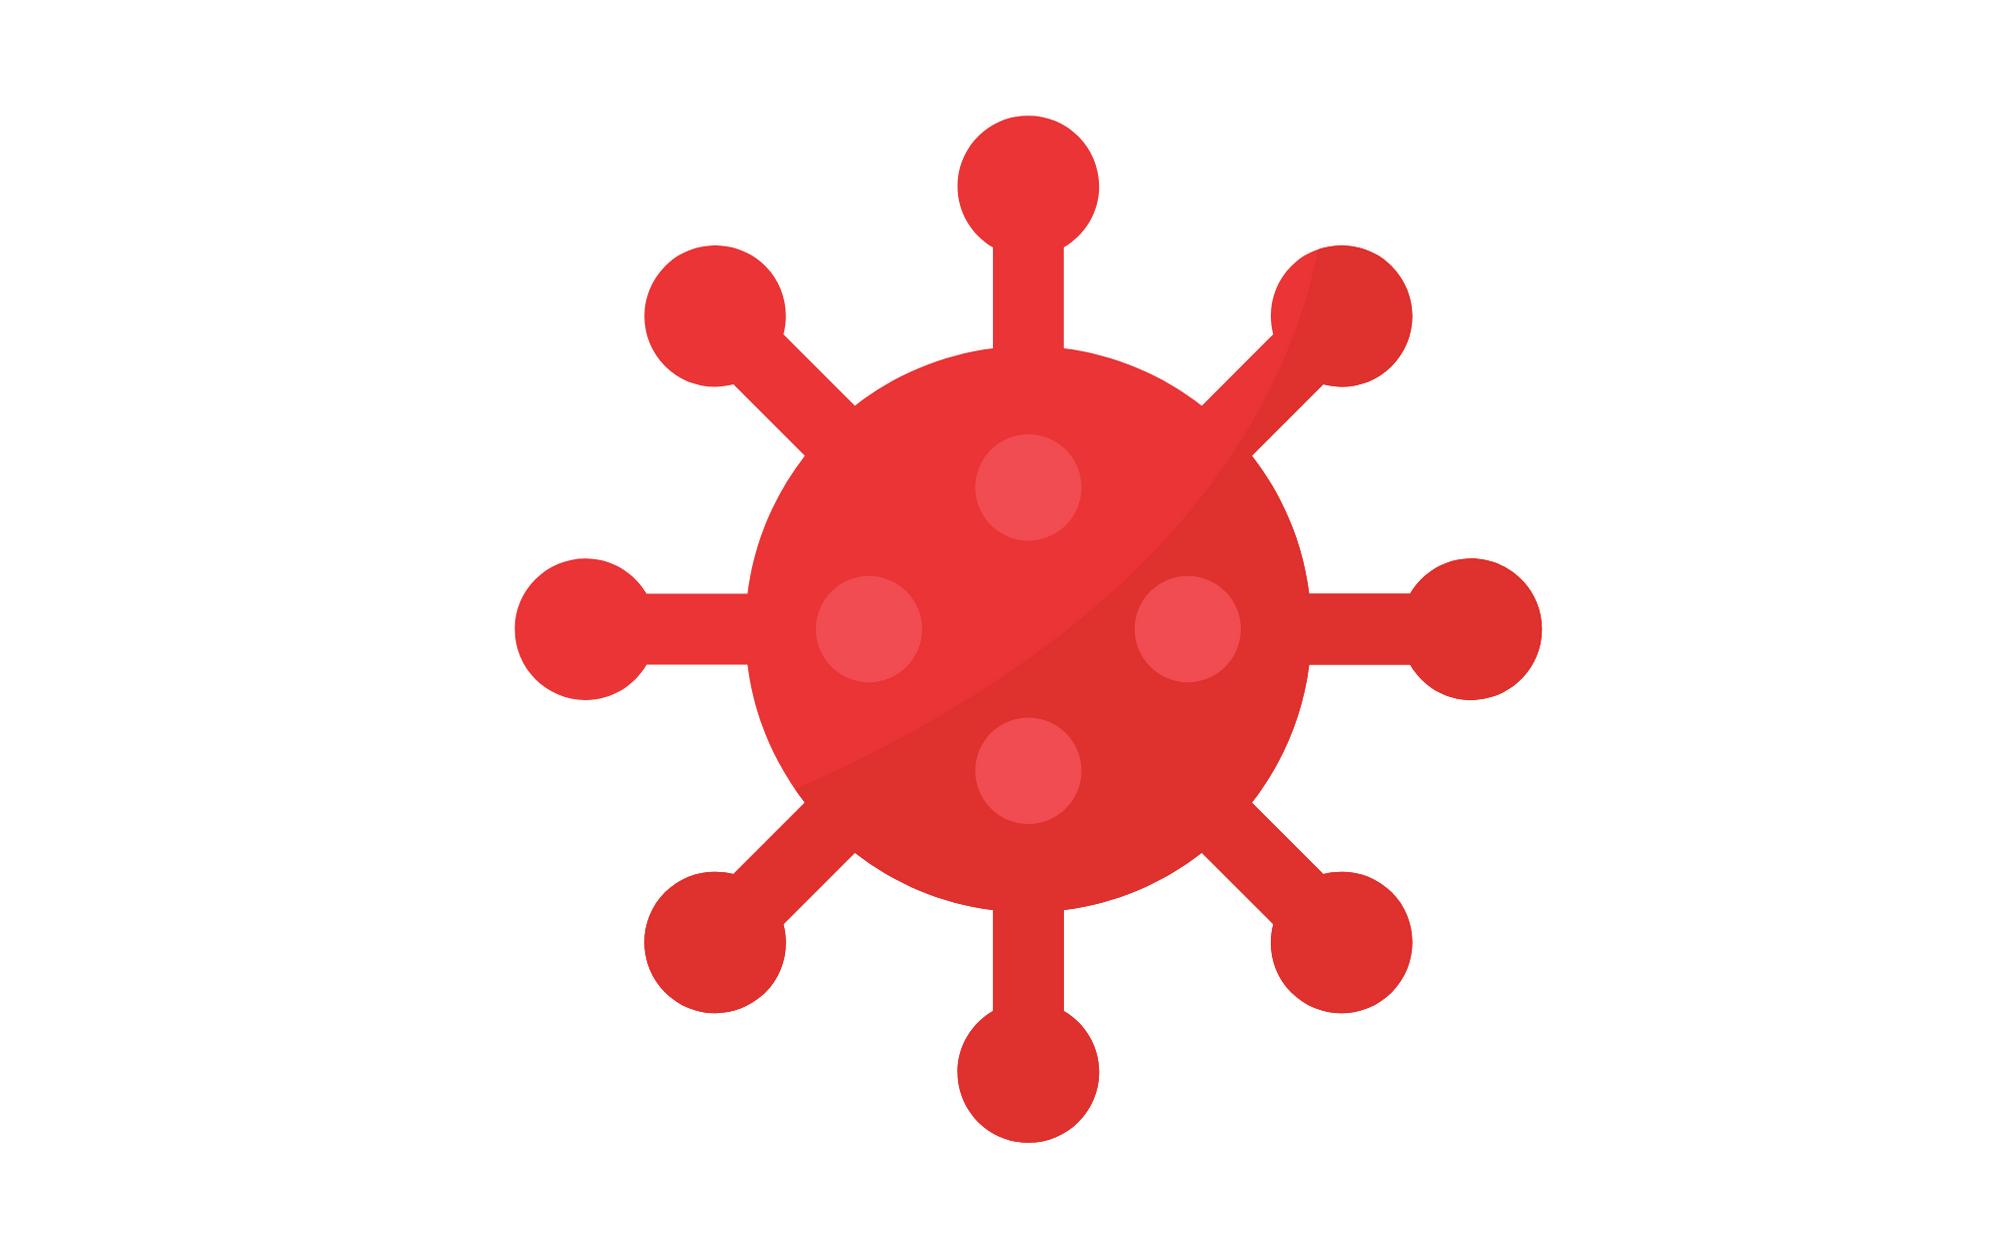 graphic of virus